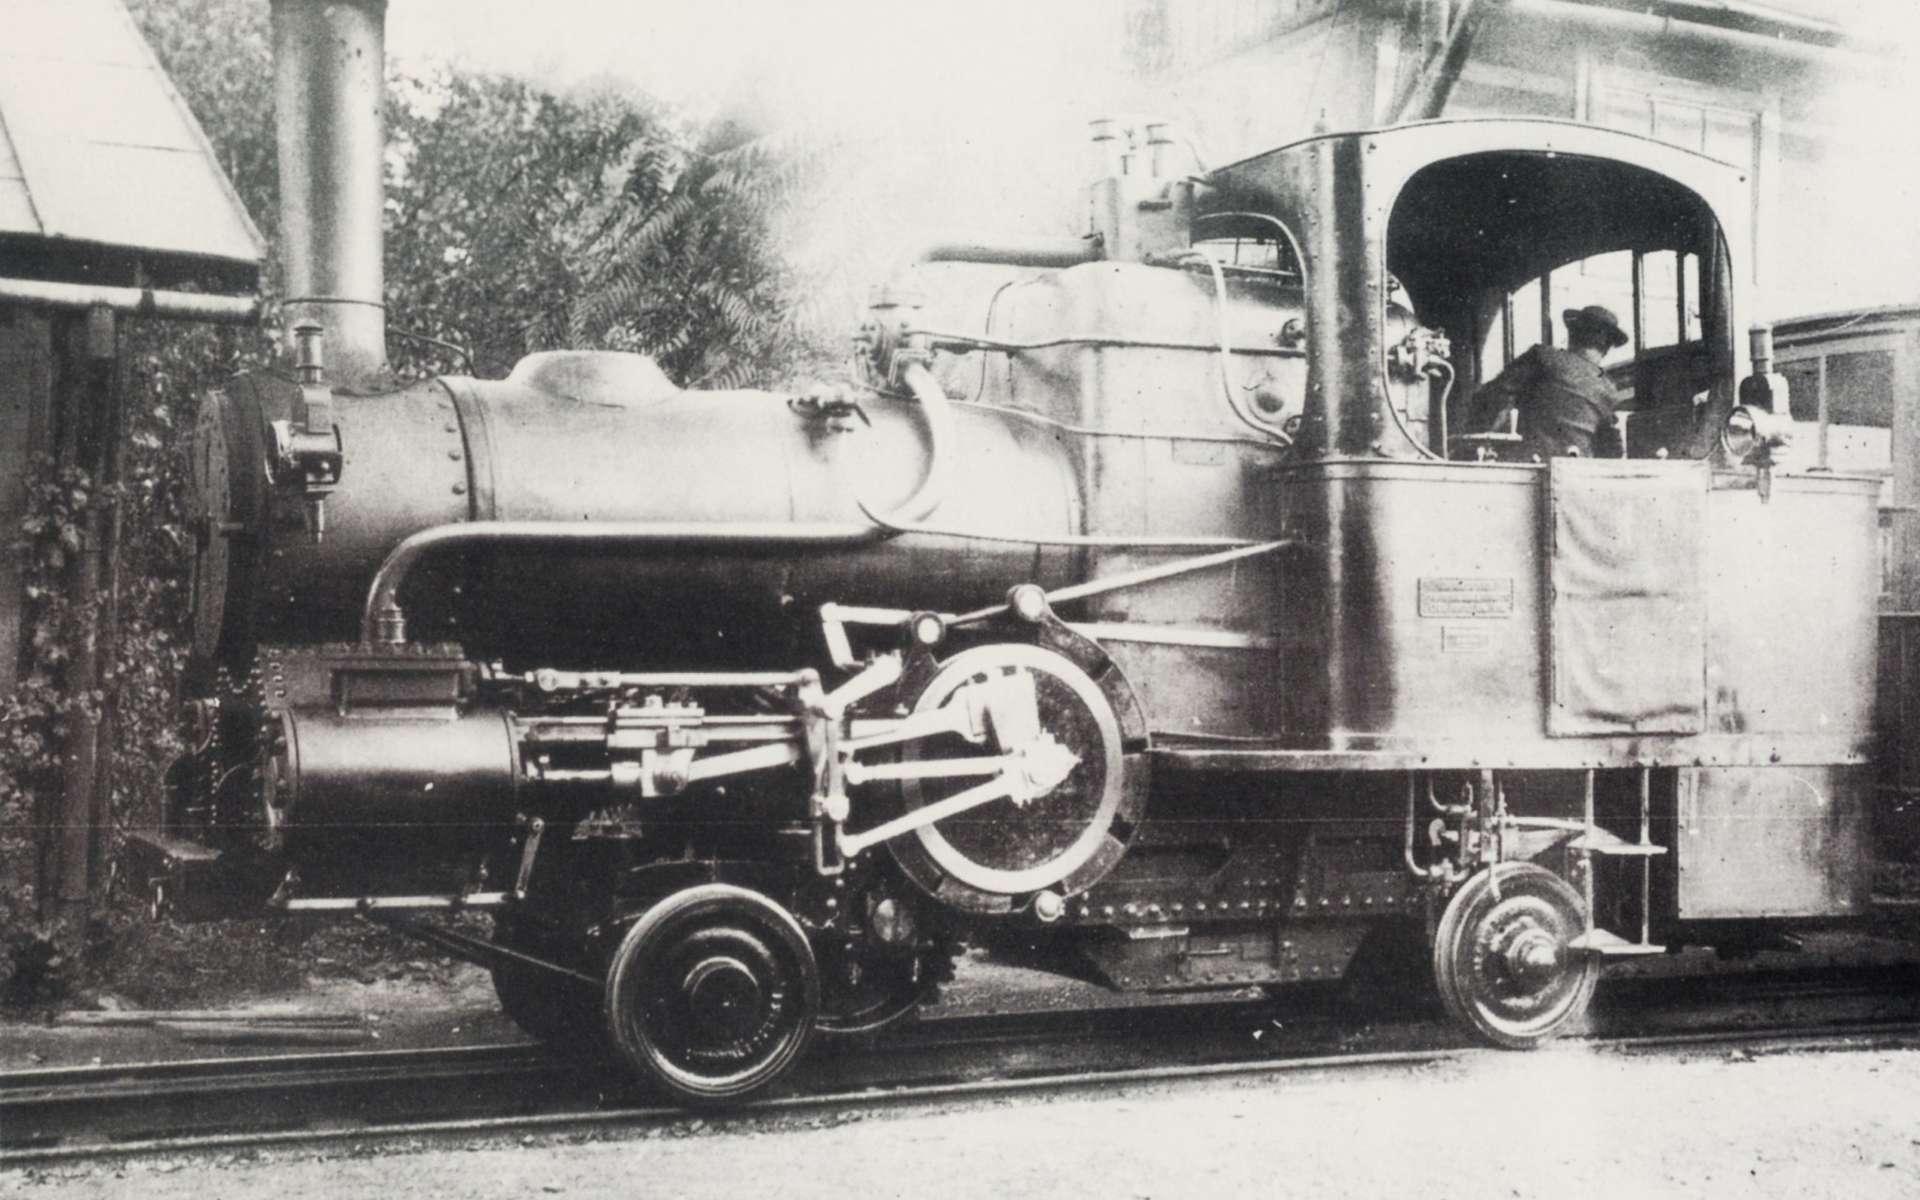 L'invention de la machine à vapeur est indissociable de la première des révolutions industrielles. © Wikimedia Commons, DP